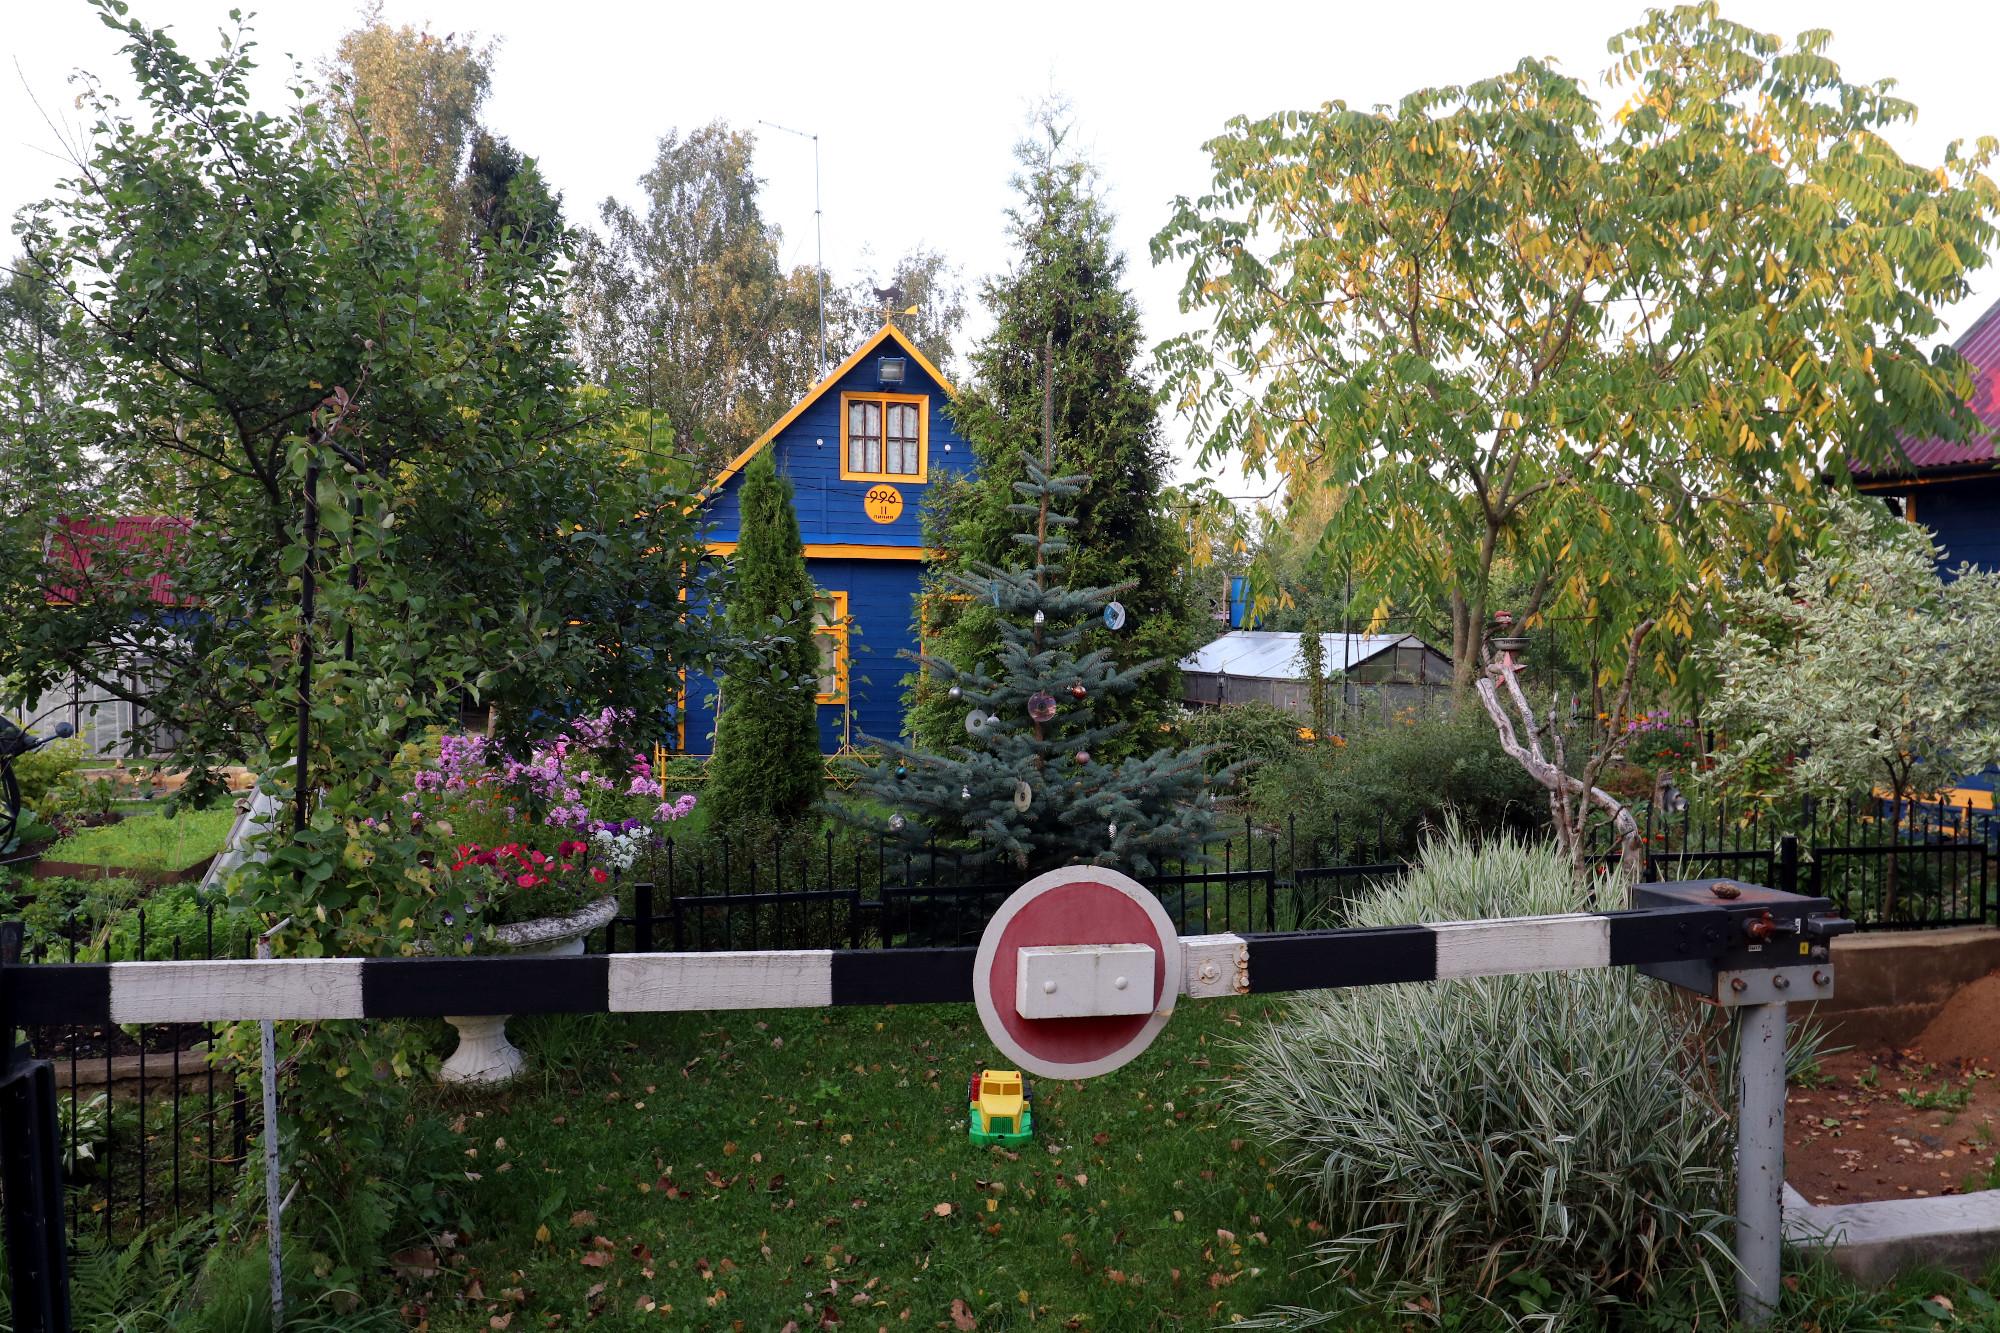 дача, садоводство Восход, Синявино, садовый участок, знак въезд запрещён